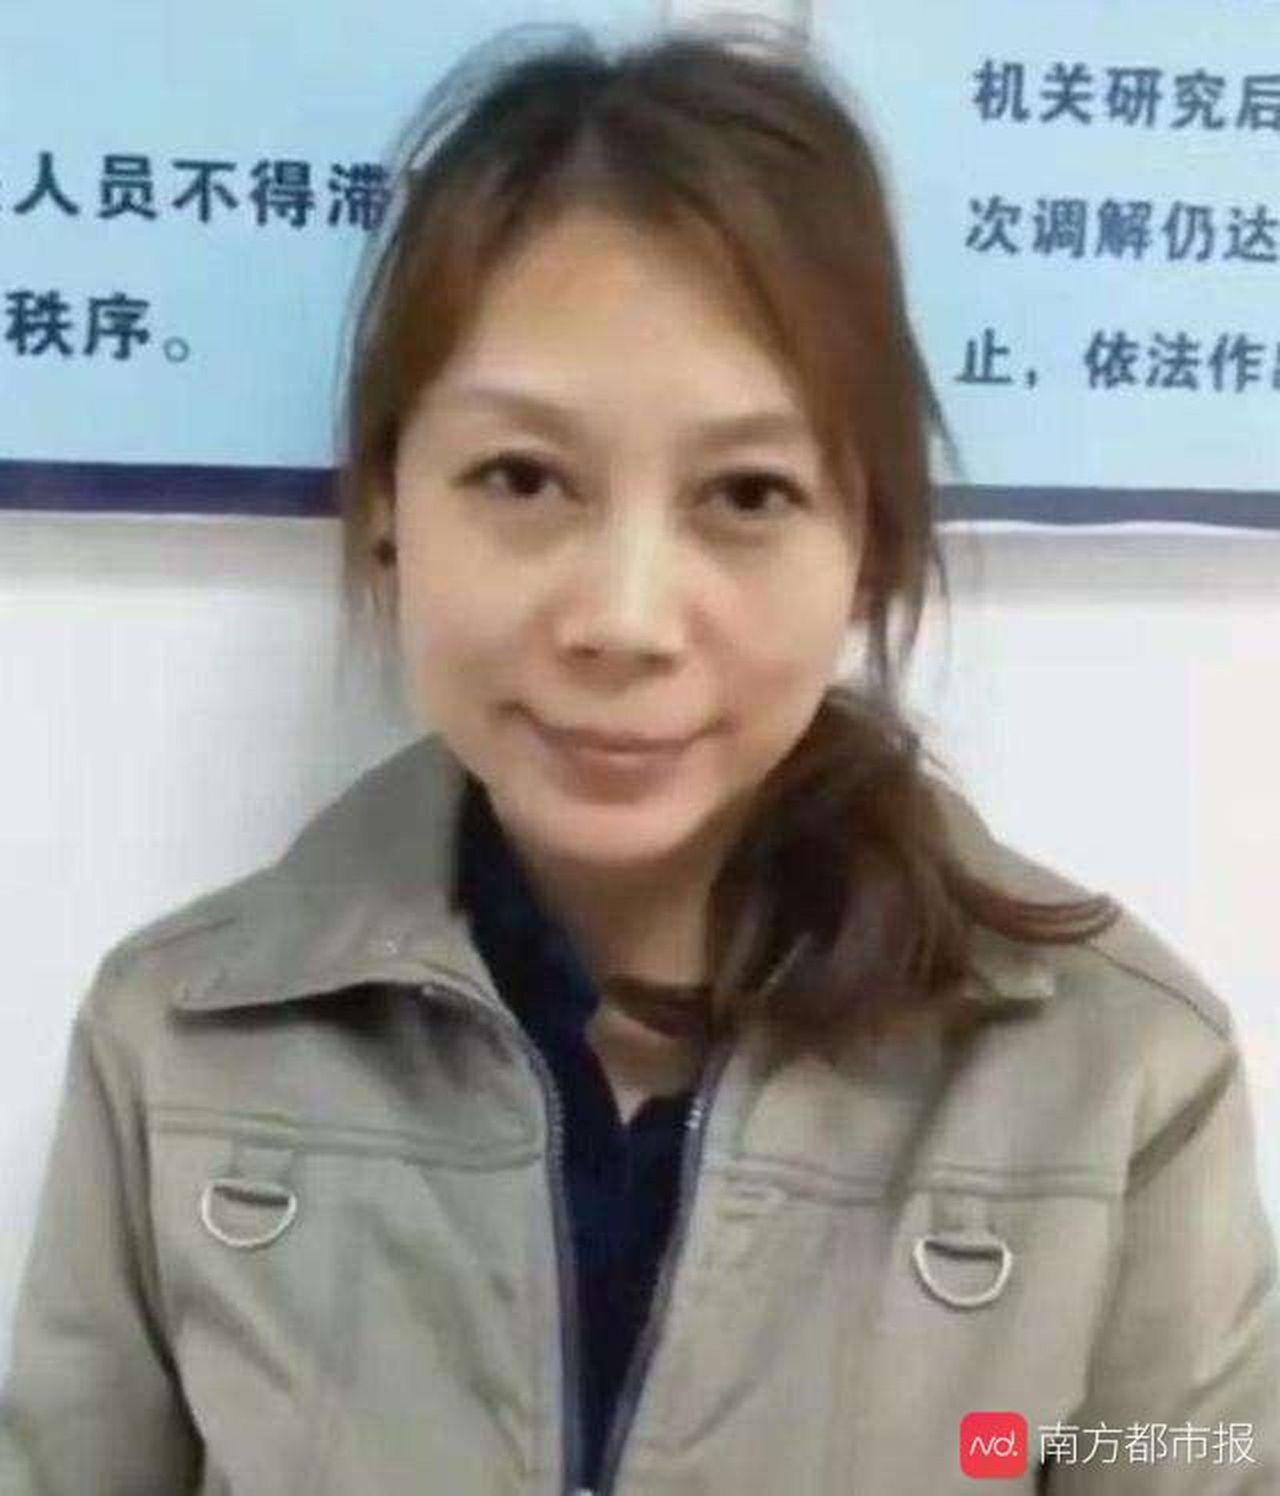 訪勞榮枝老家 鄰居稱小時候文靜秀氣、成績優秀 還是小學老師 取材自中國經濟網